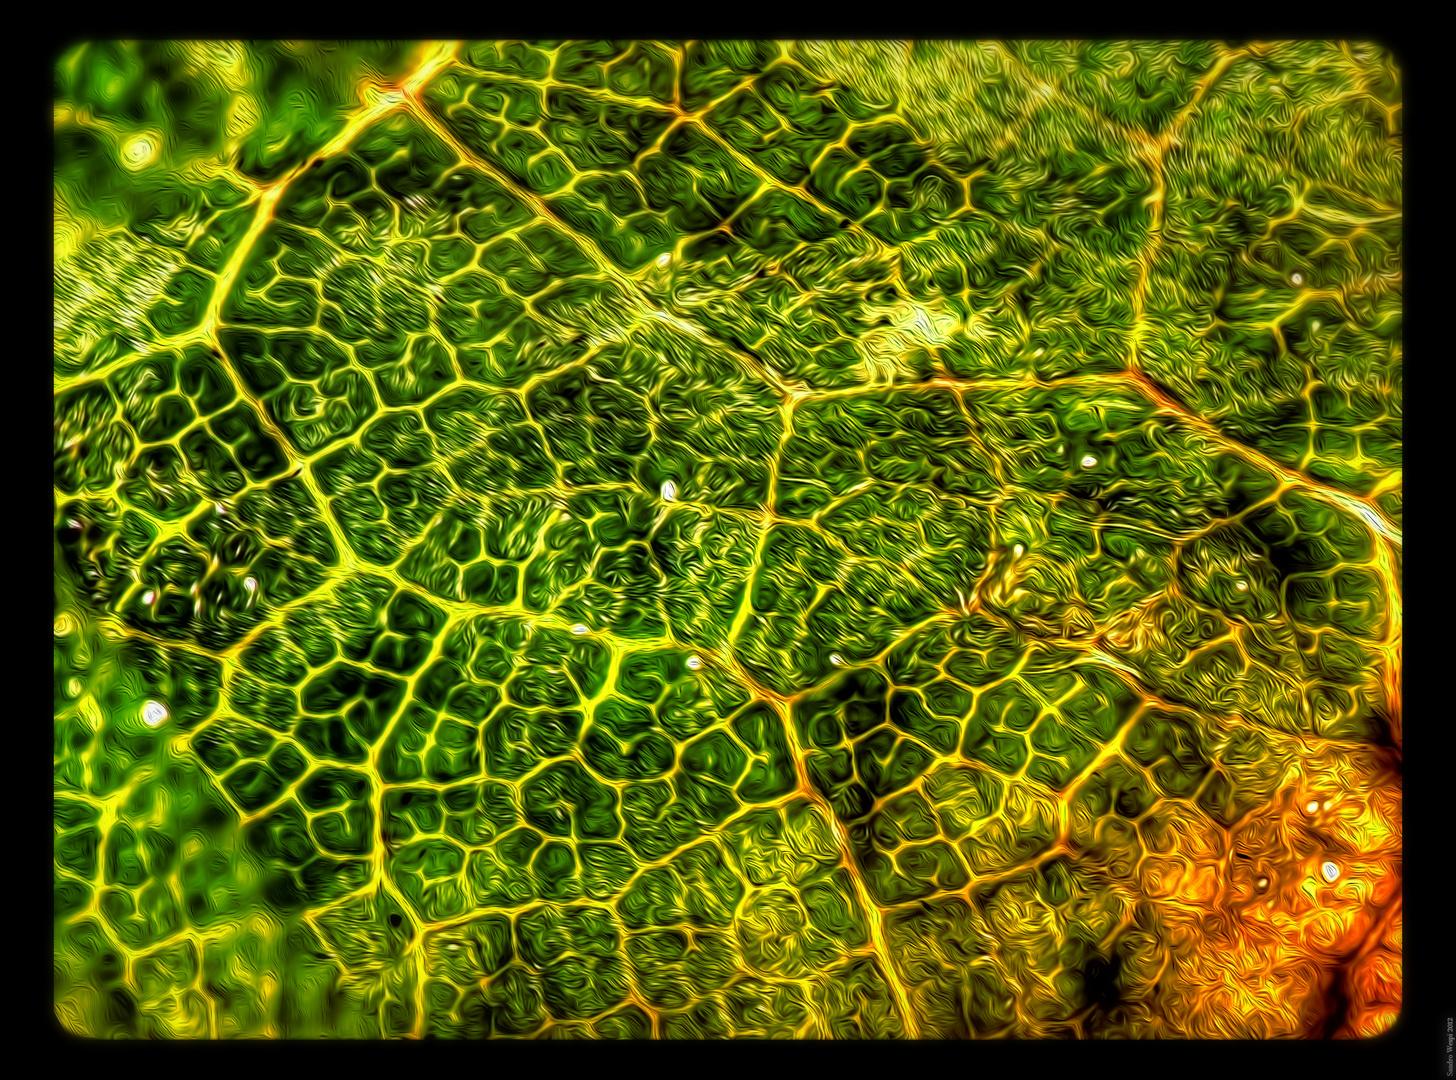 Herbstblatt am Boden 7